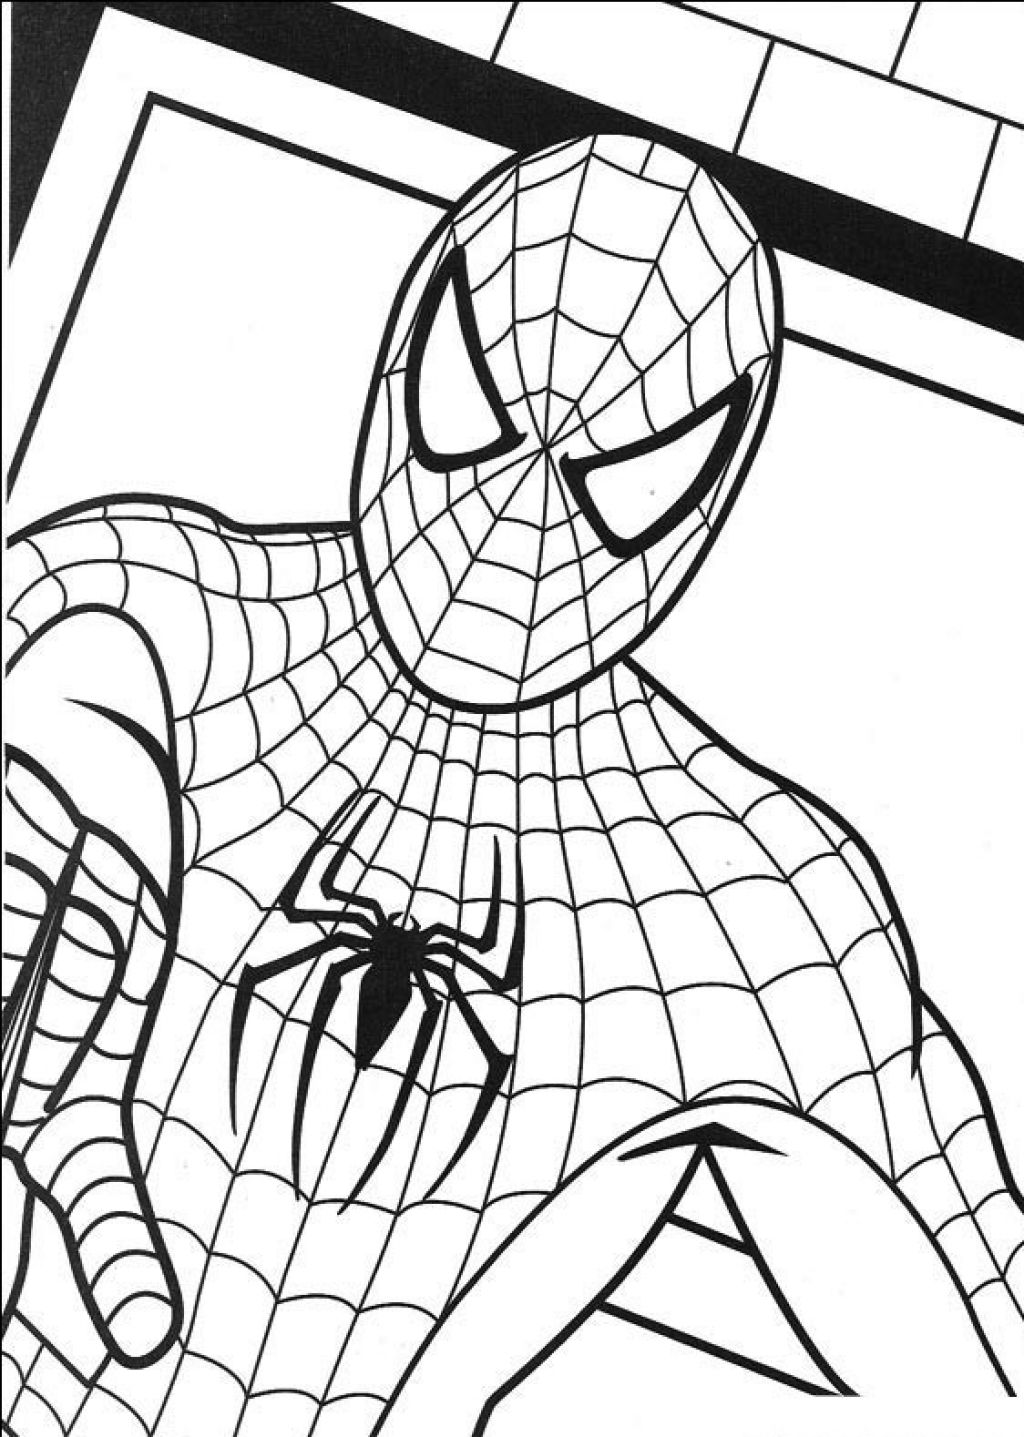 Boy Spiderman Coloring Page | Spider Man 11 Coloringcolor